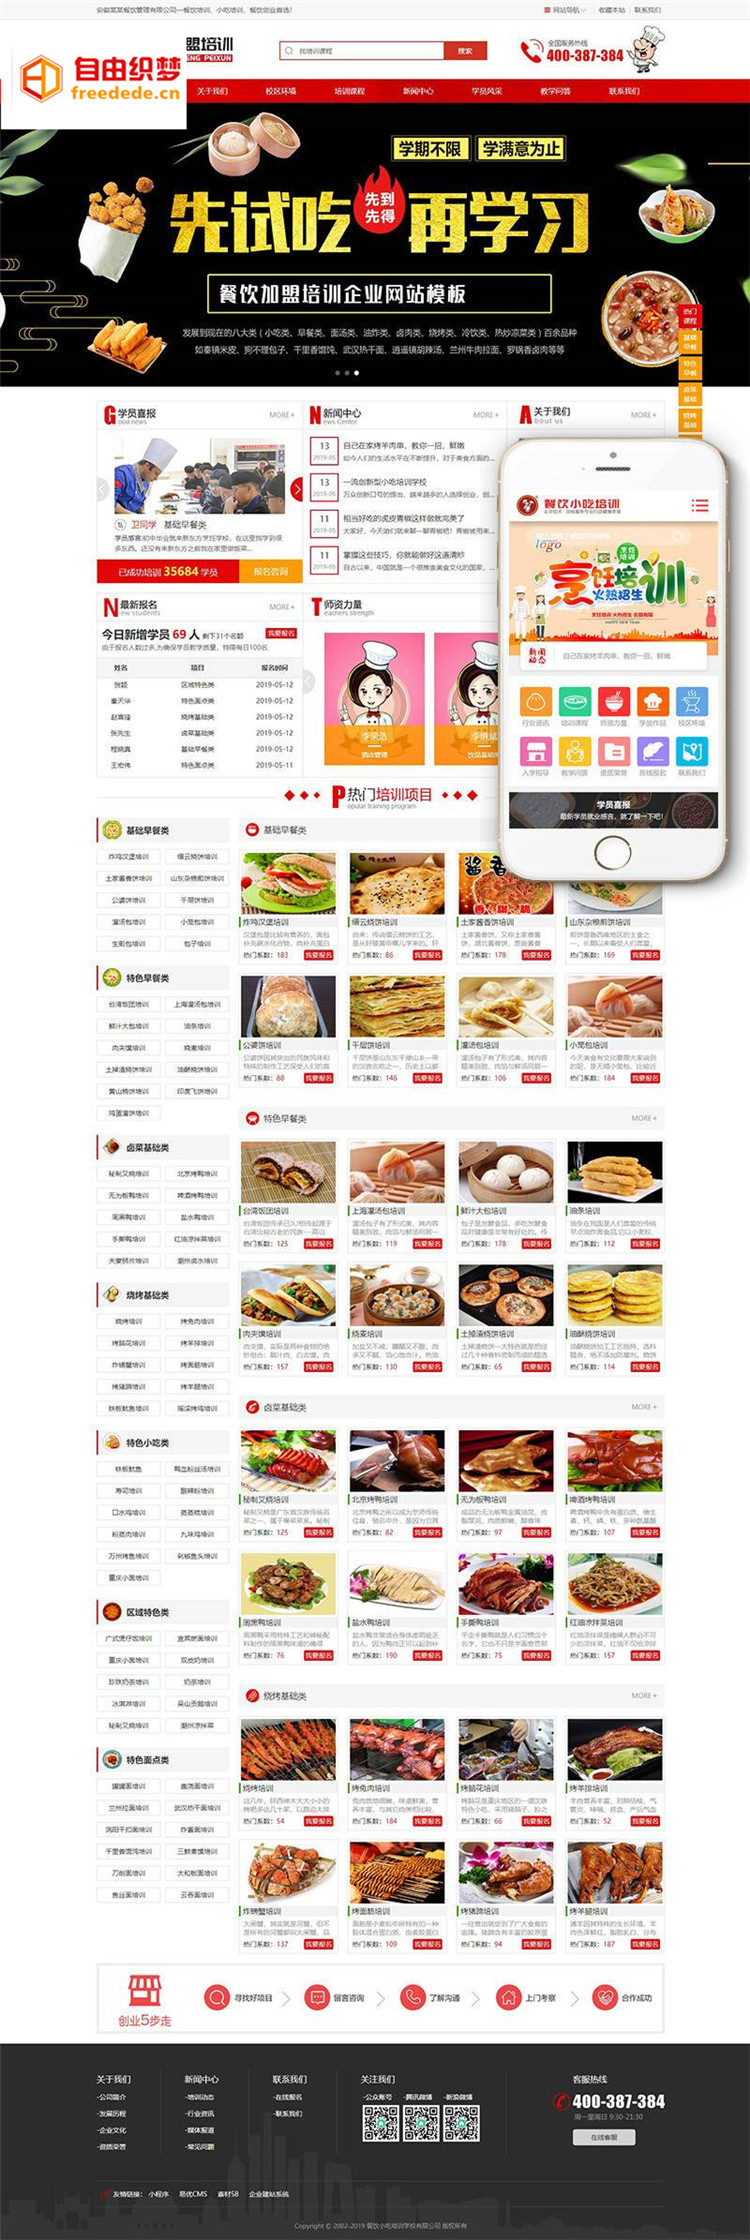 爱上源码网文章烹饪餐饮小吃培训学校类网站织梦模板(带手机移动端)营销型整站源码下载的内容插图